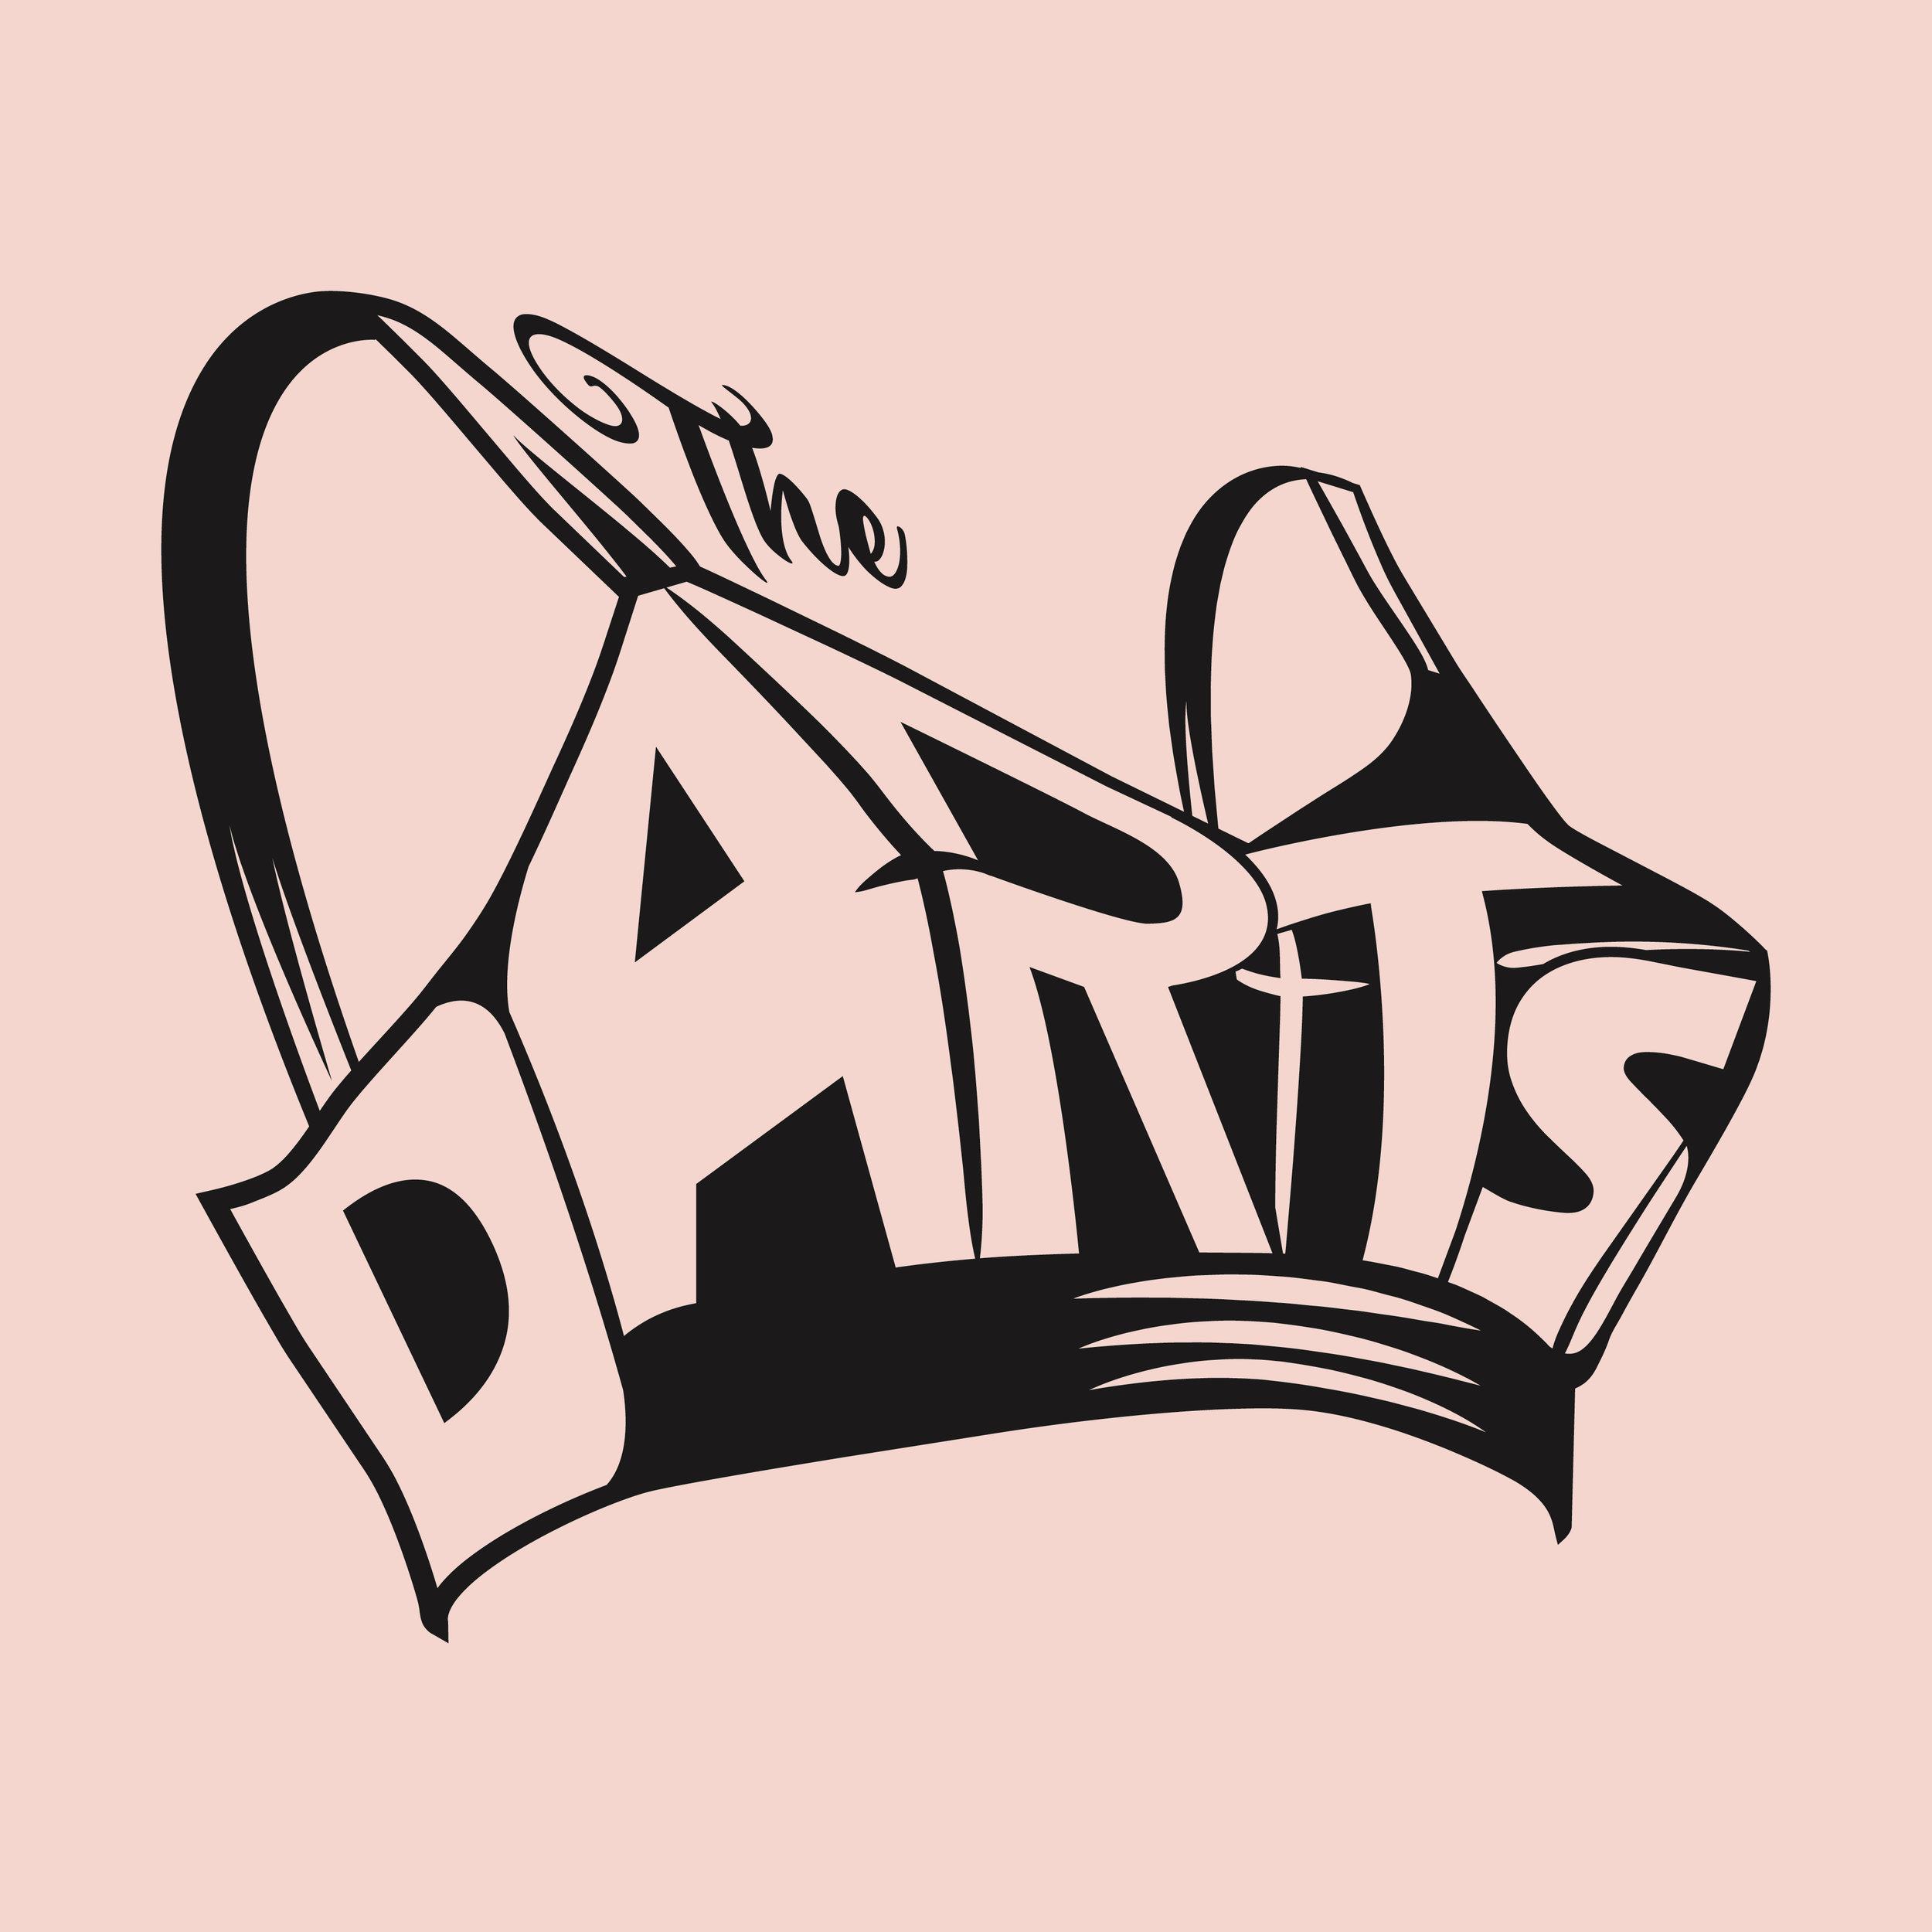 darts-original-Album-01.jpg